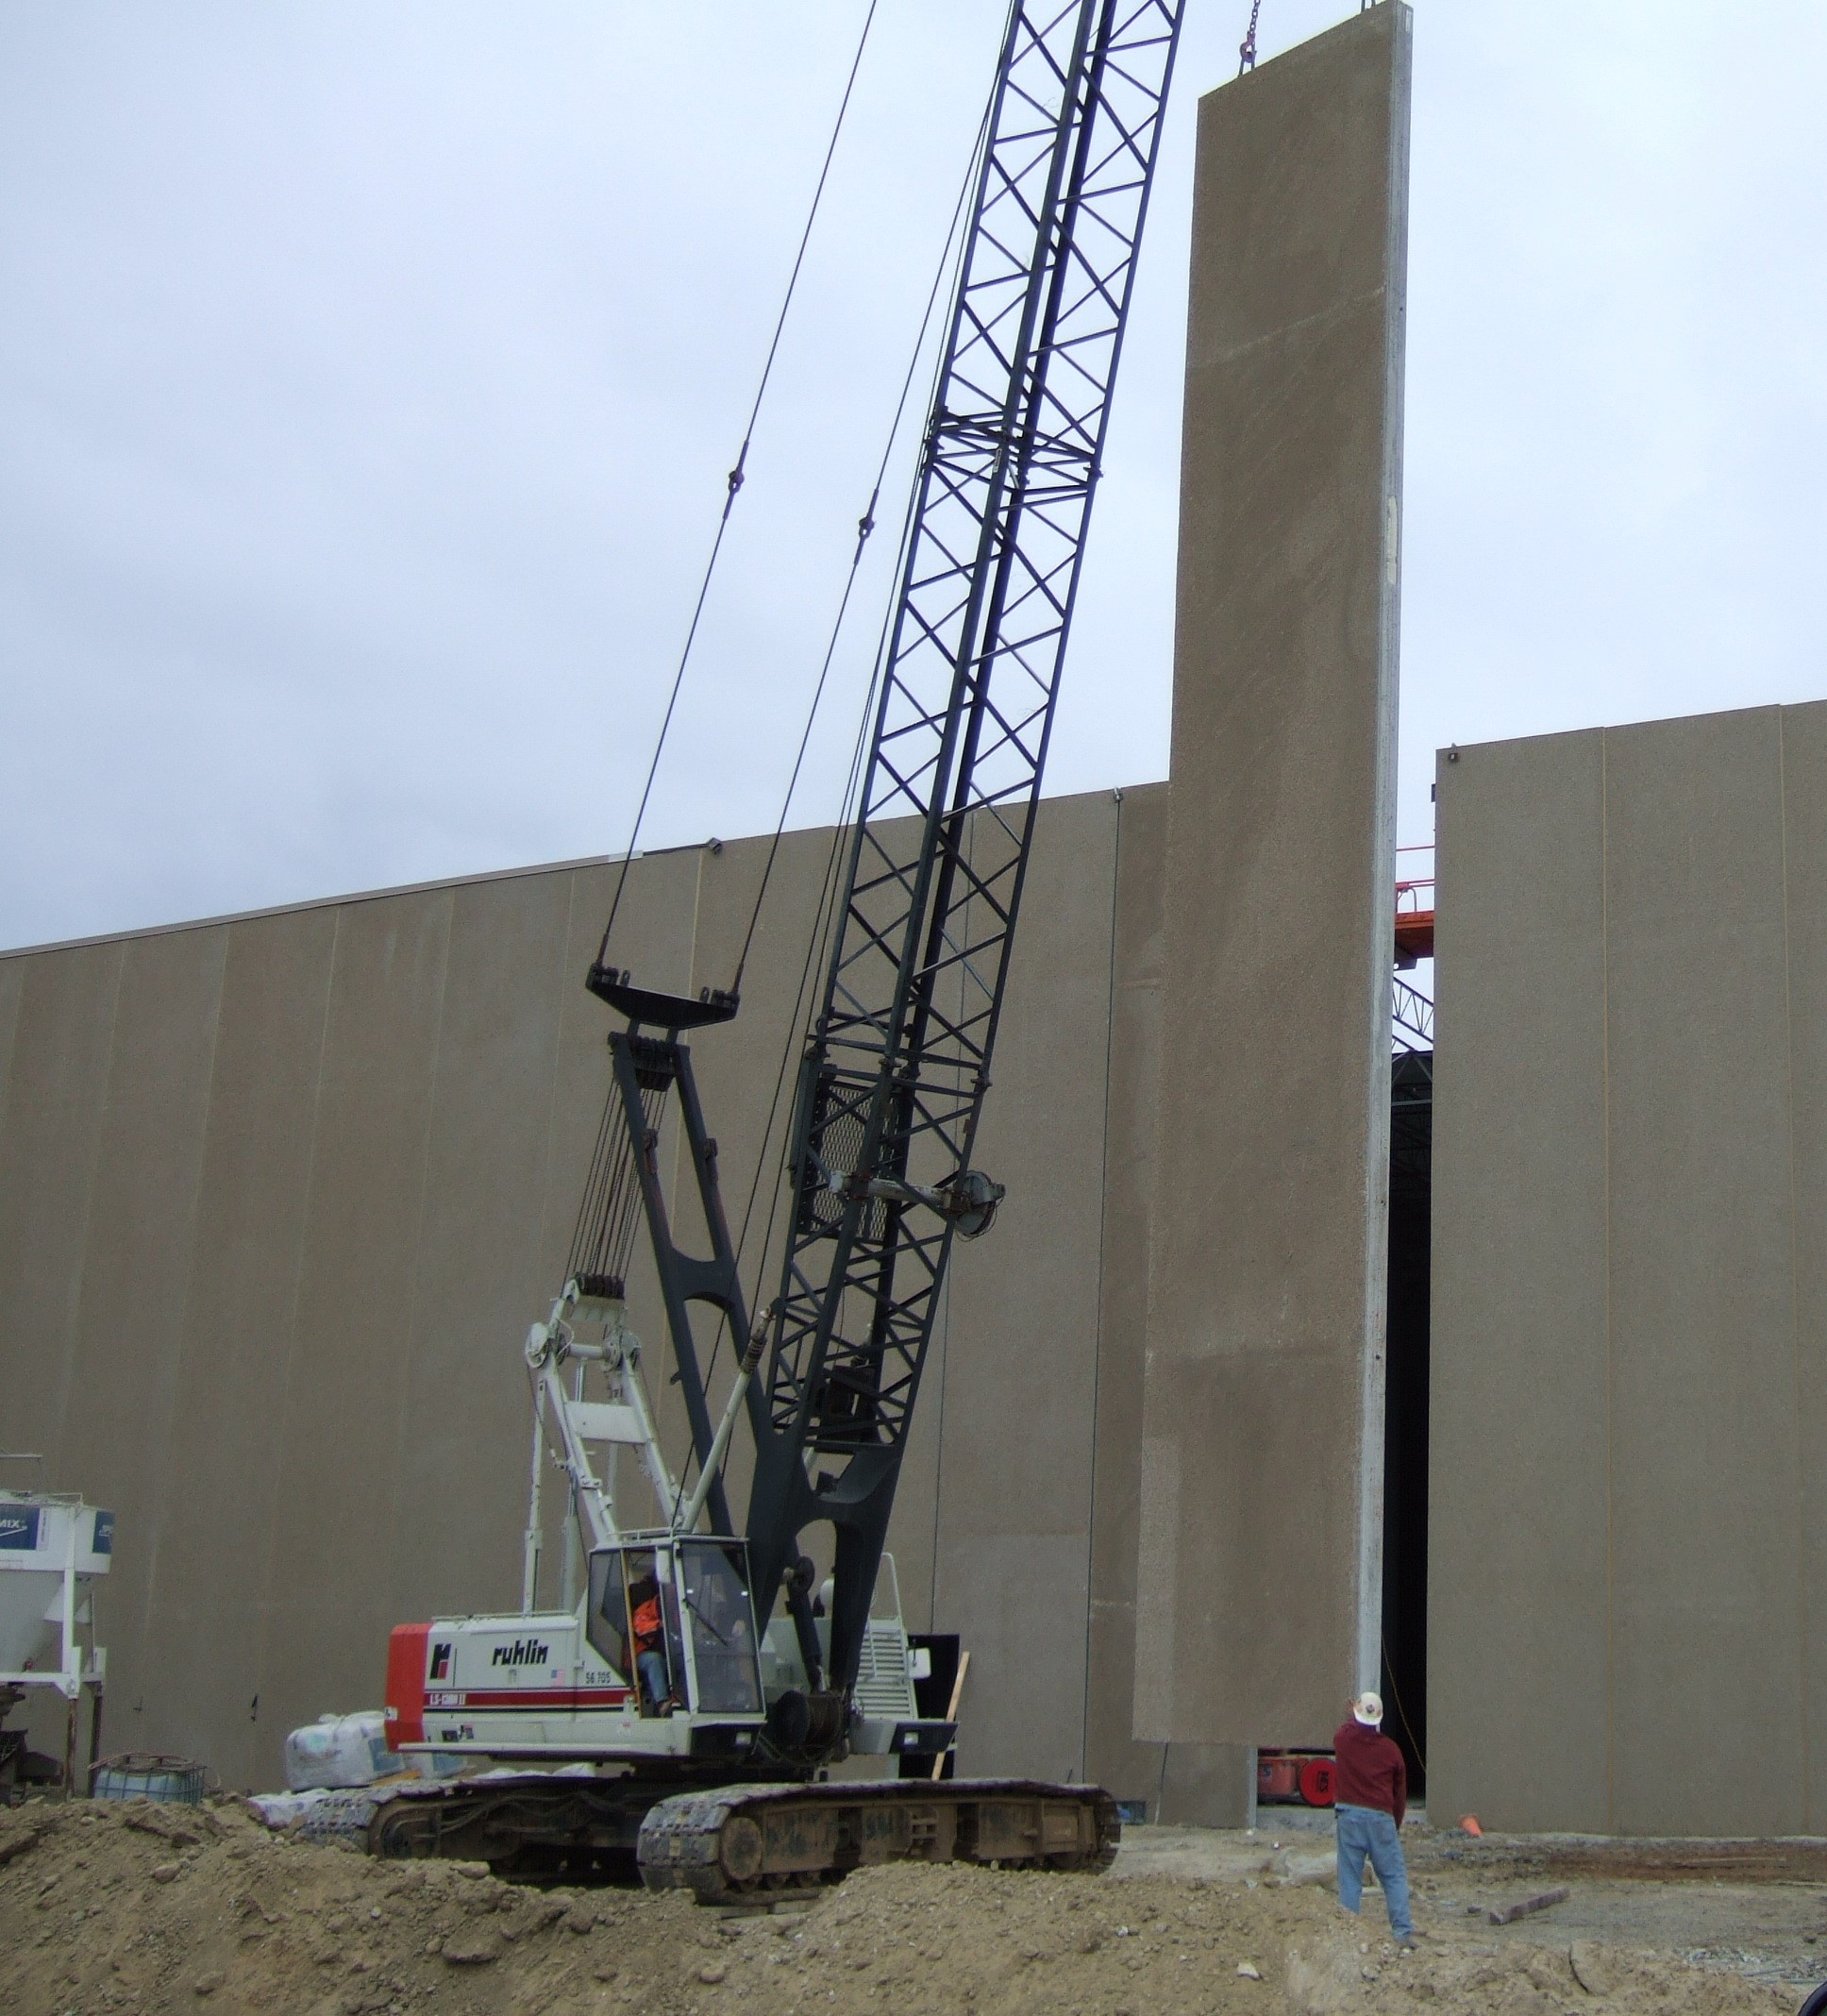 Prefabrication at The Ruhlin Company